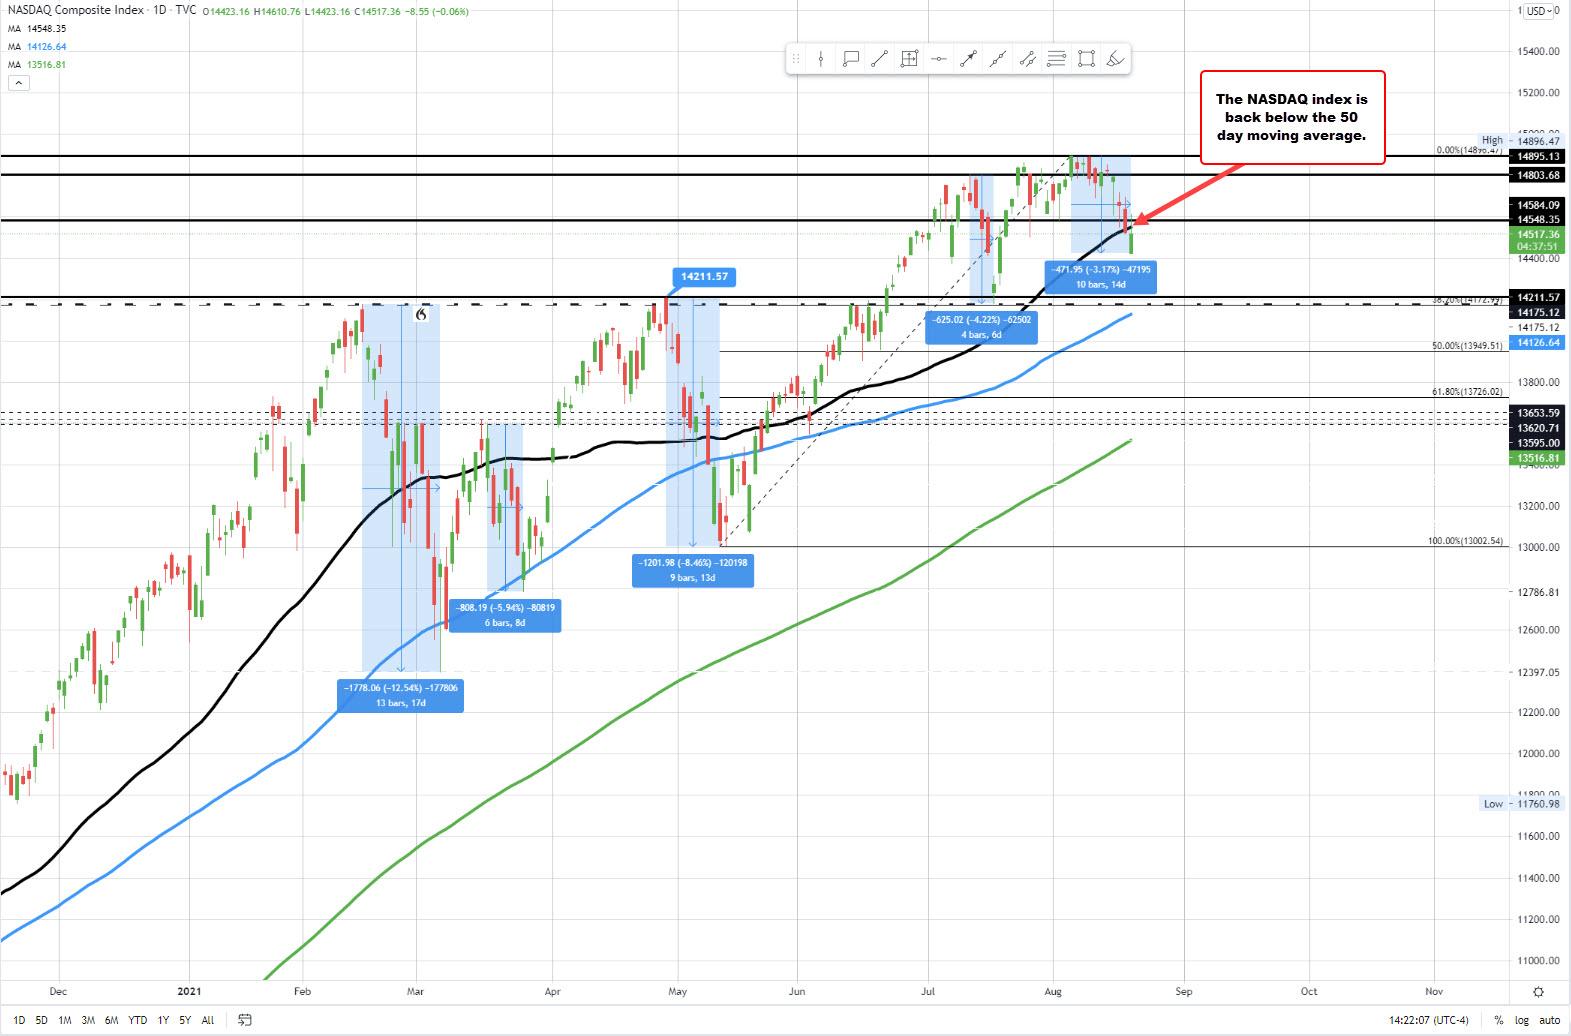 NASDAQ index